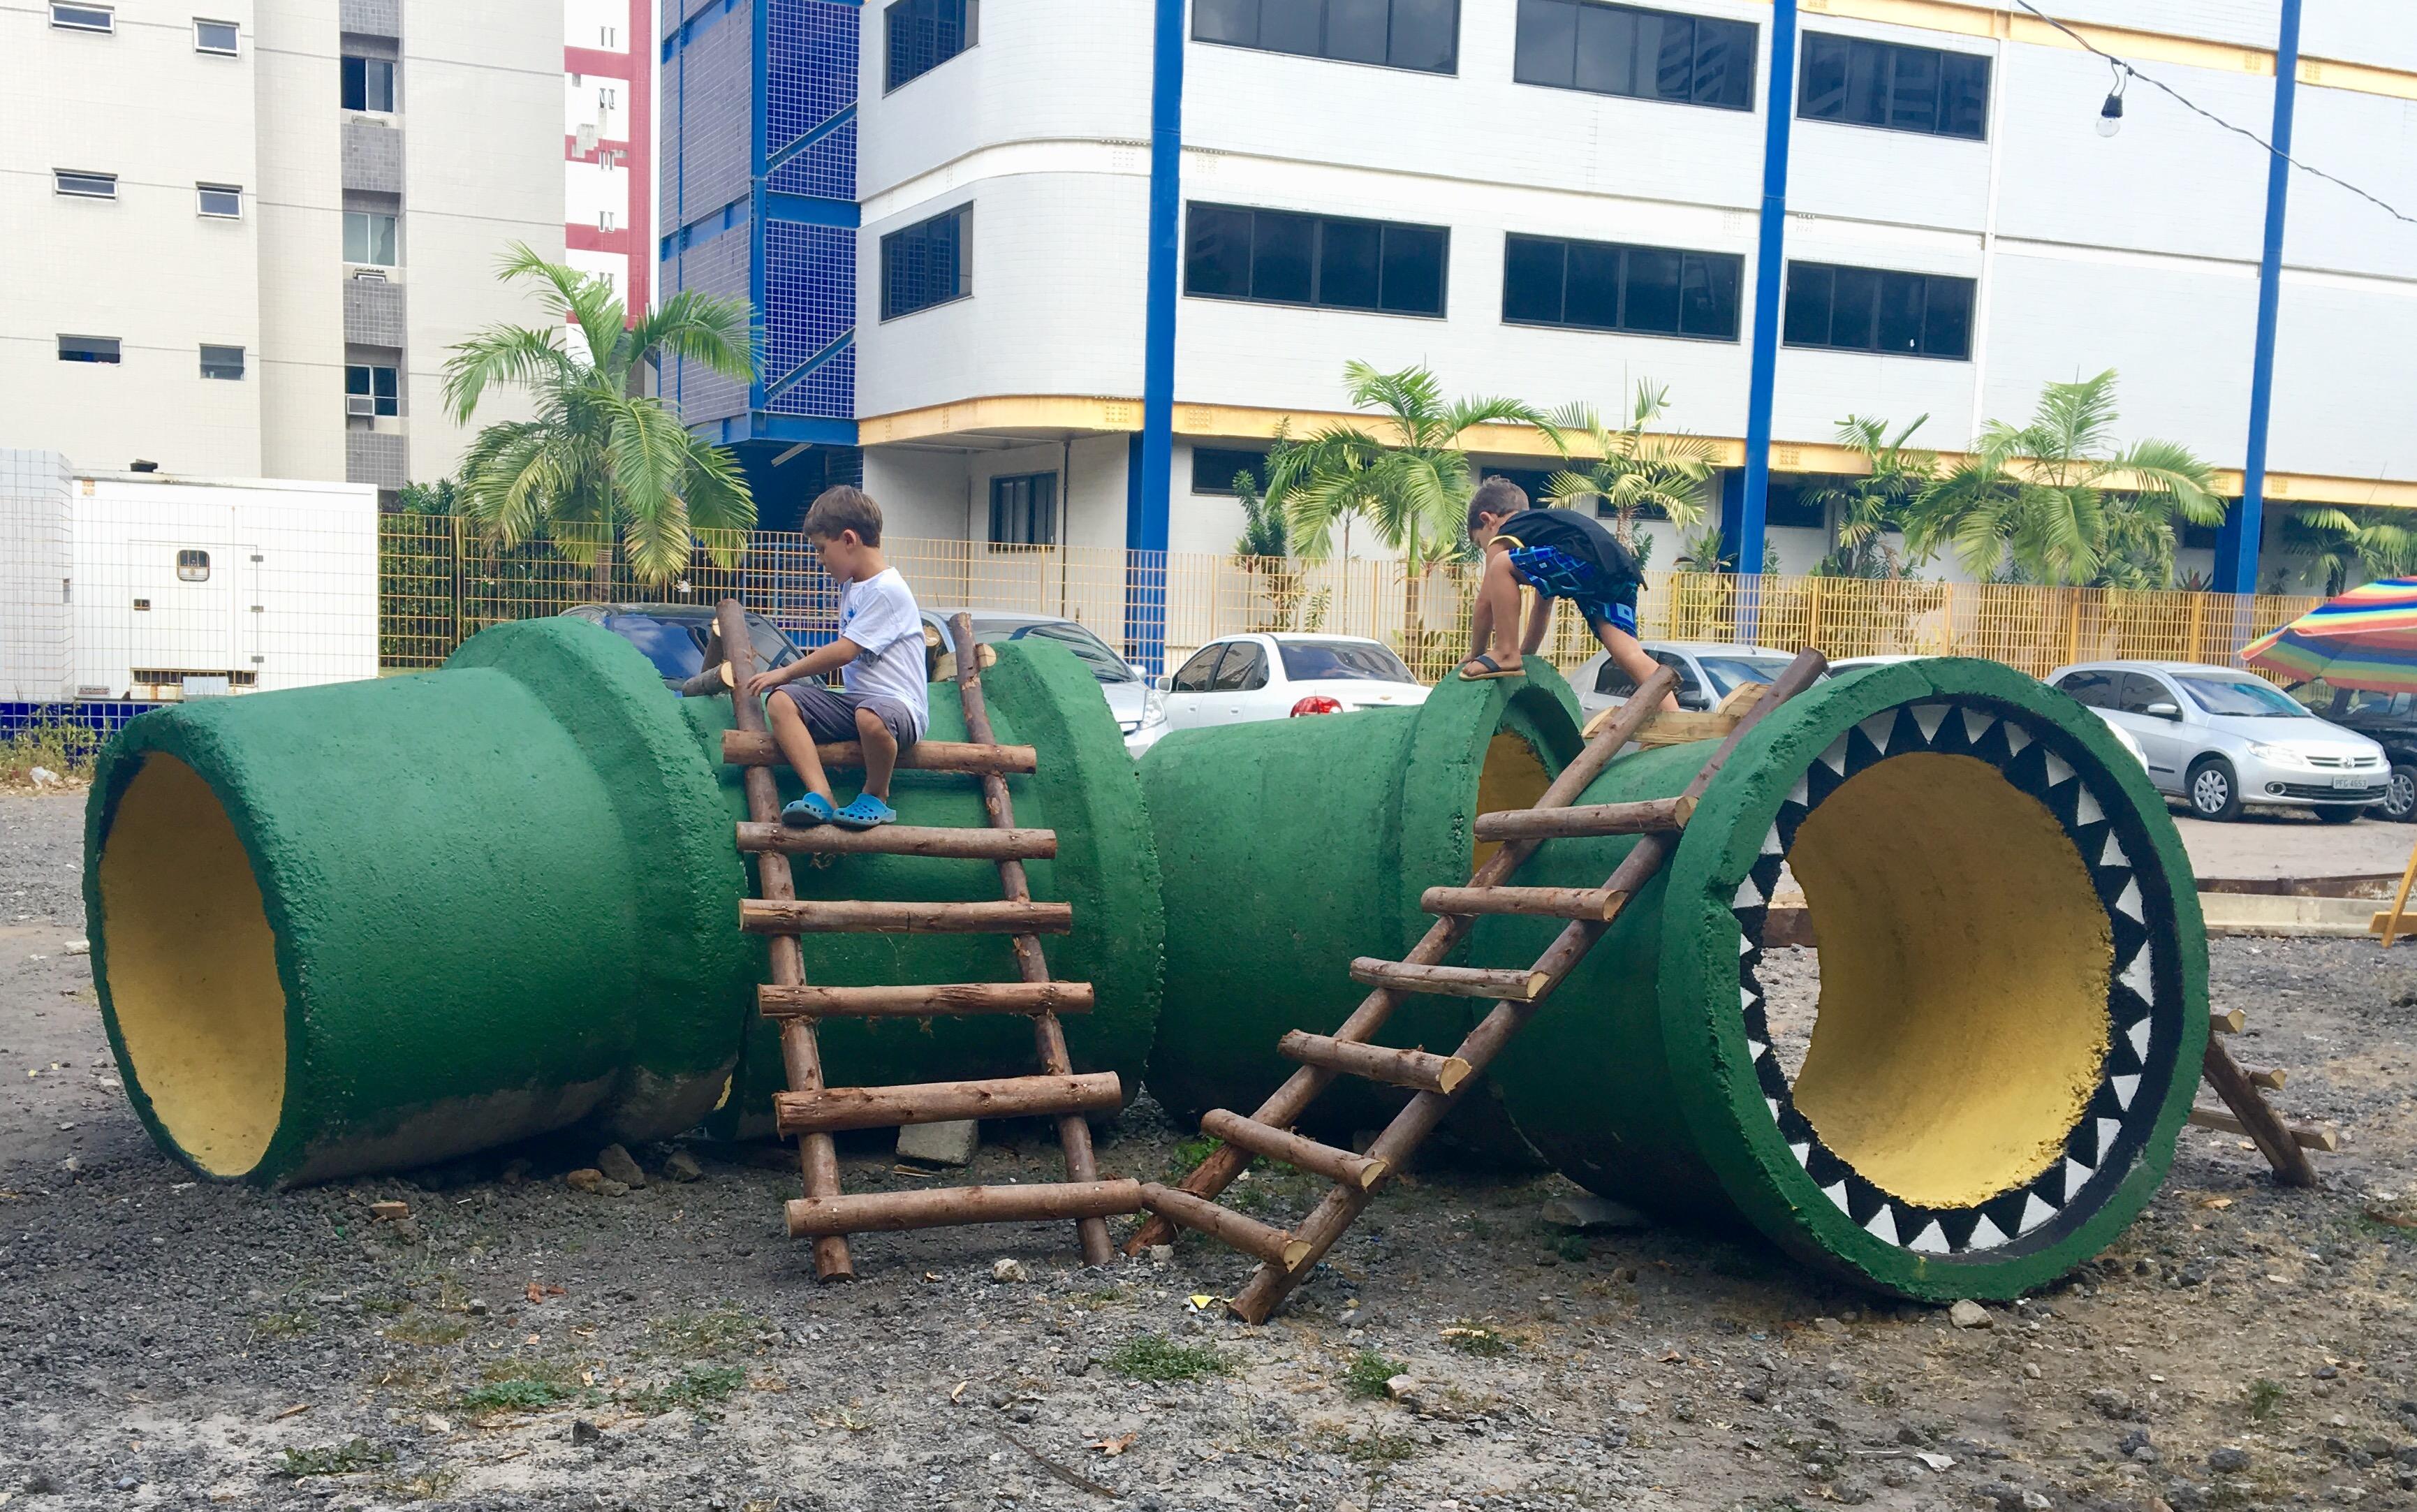 Brinquedos_para_as_crianças_Projeto_Parque_Capibaribe_credito_Ursula_Troncoso_(1)